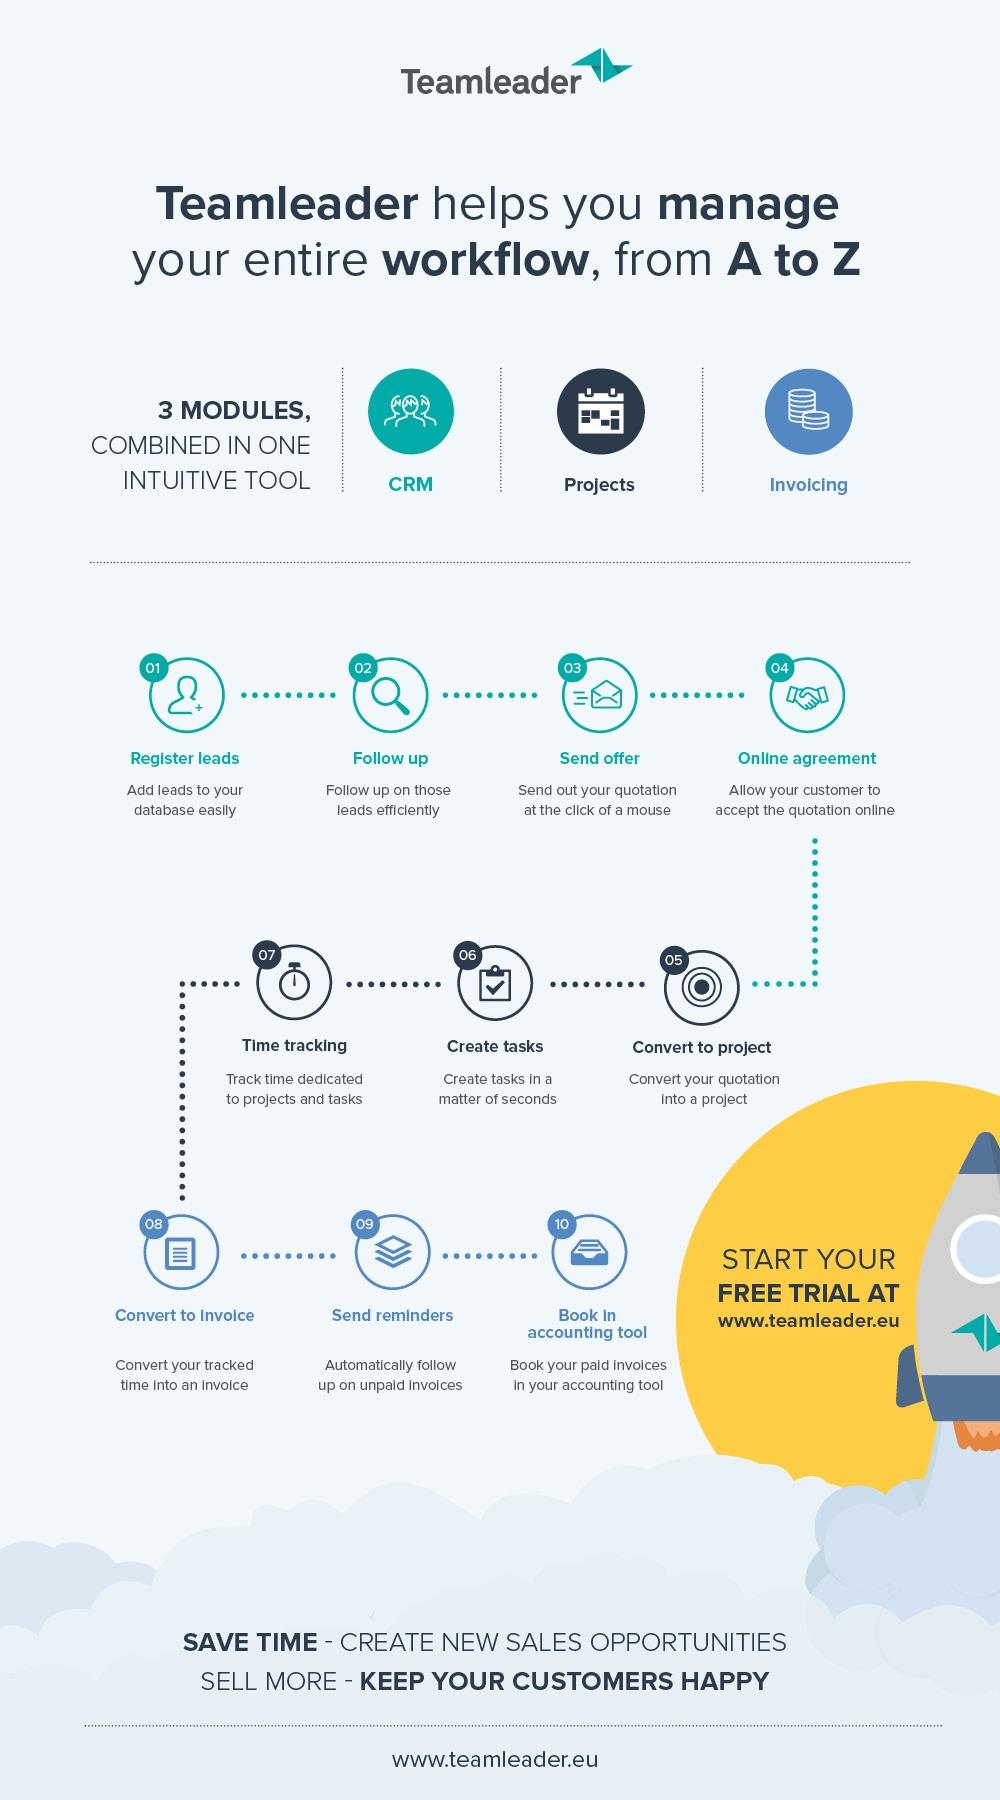 EU_Infographic-1.jpg